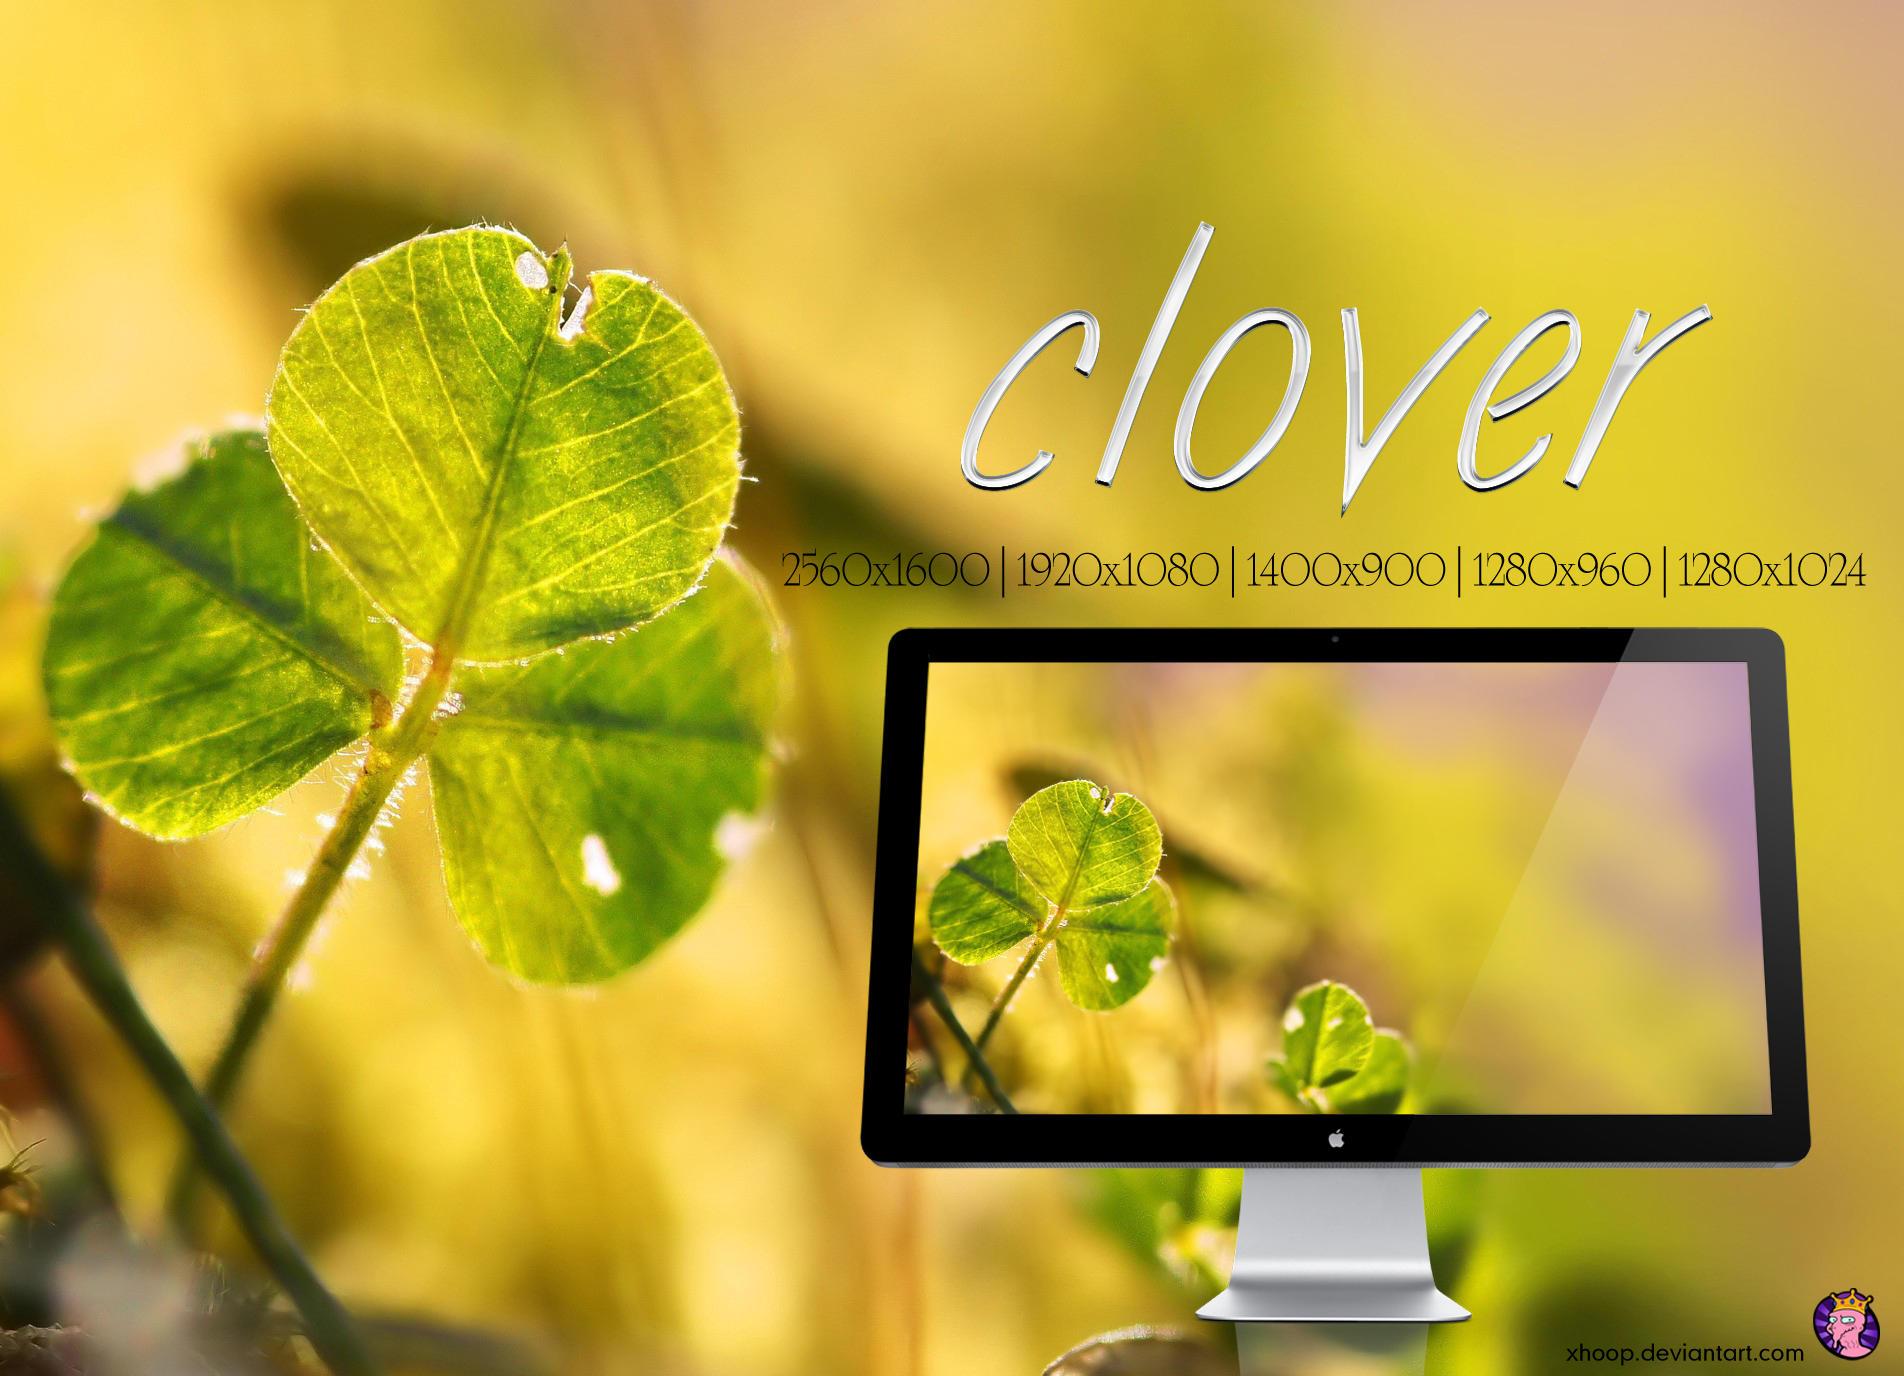 Clover wallpaper by xhoOp